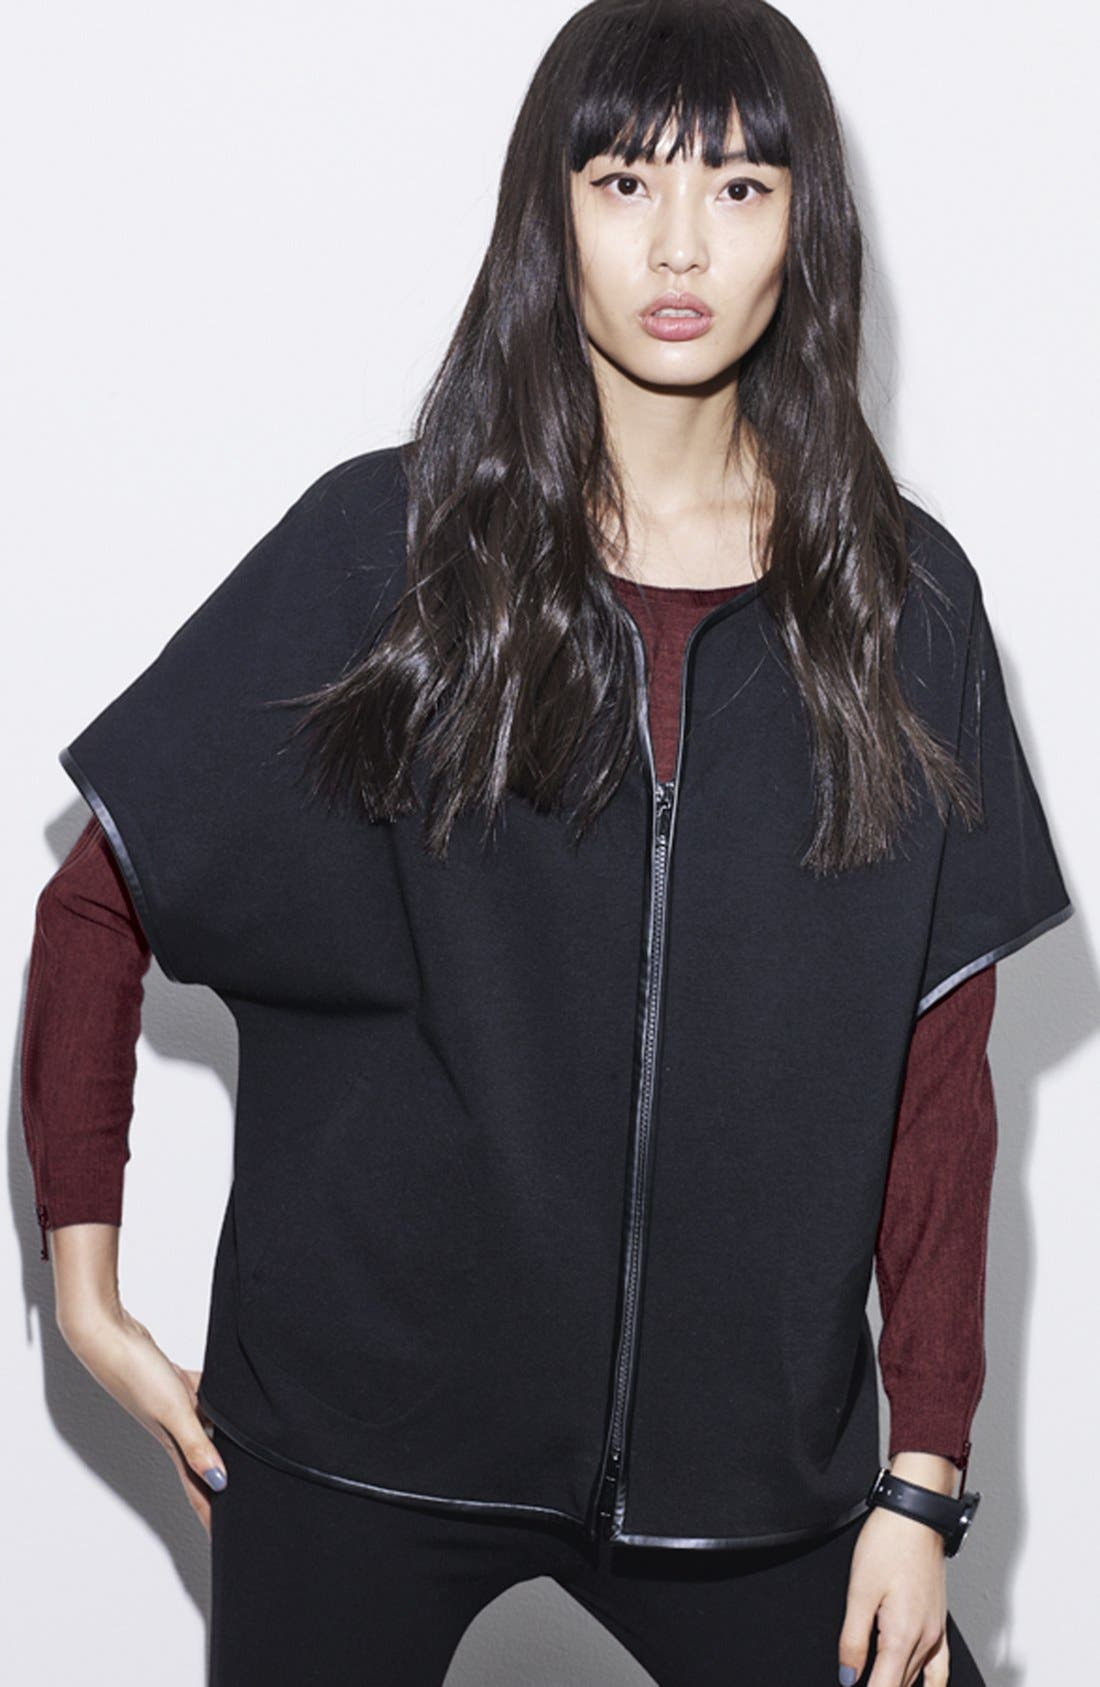 Main Image - Lafayette 148 New York Jacket, Sweater & Pants